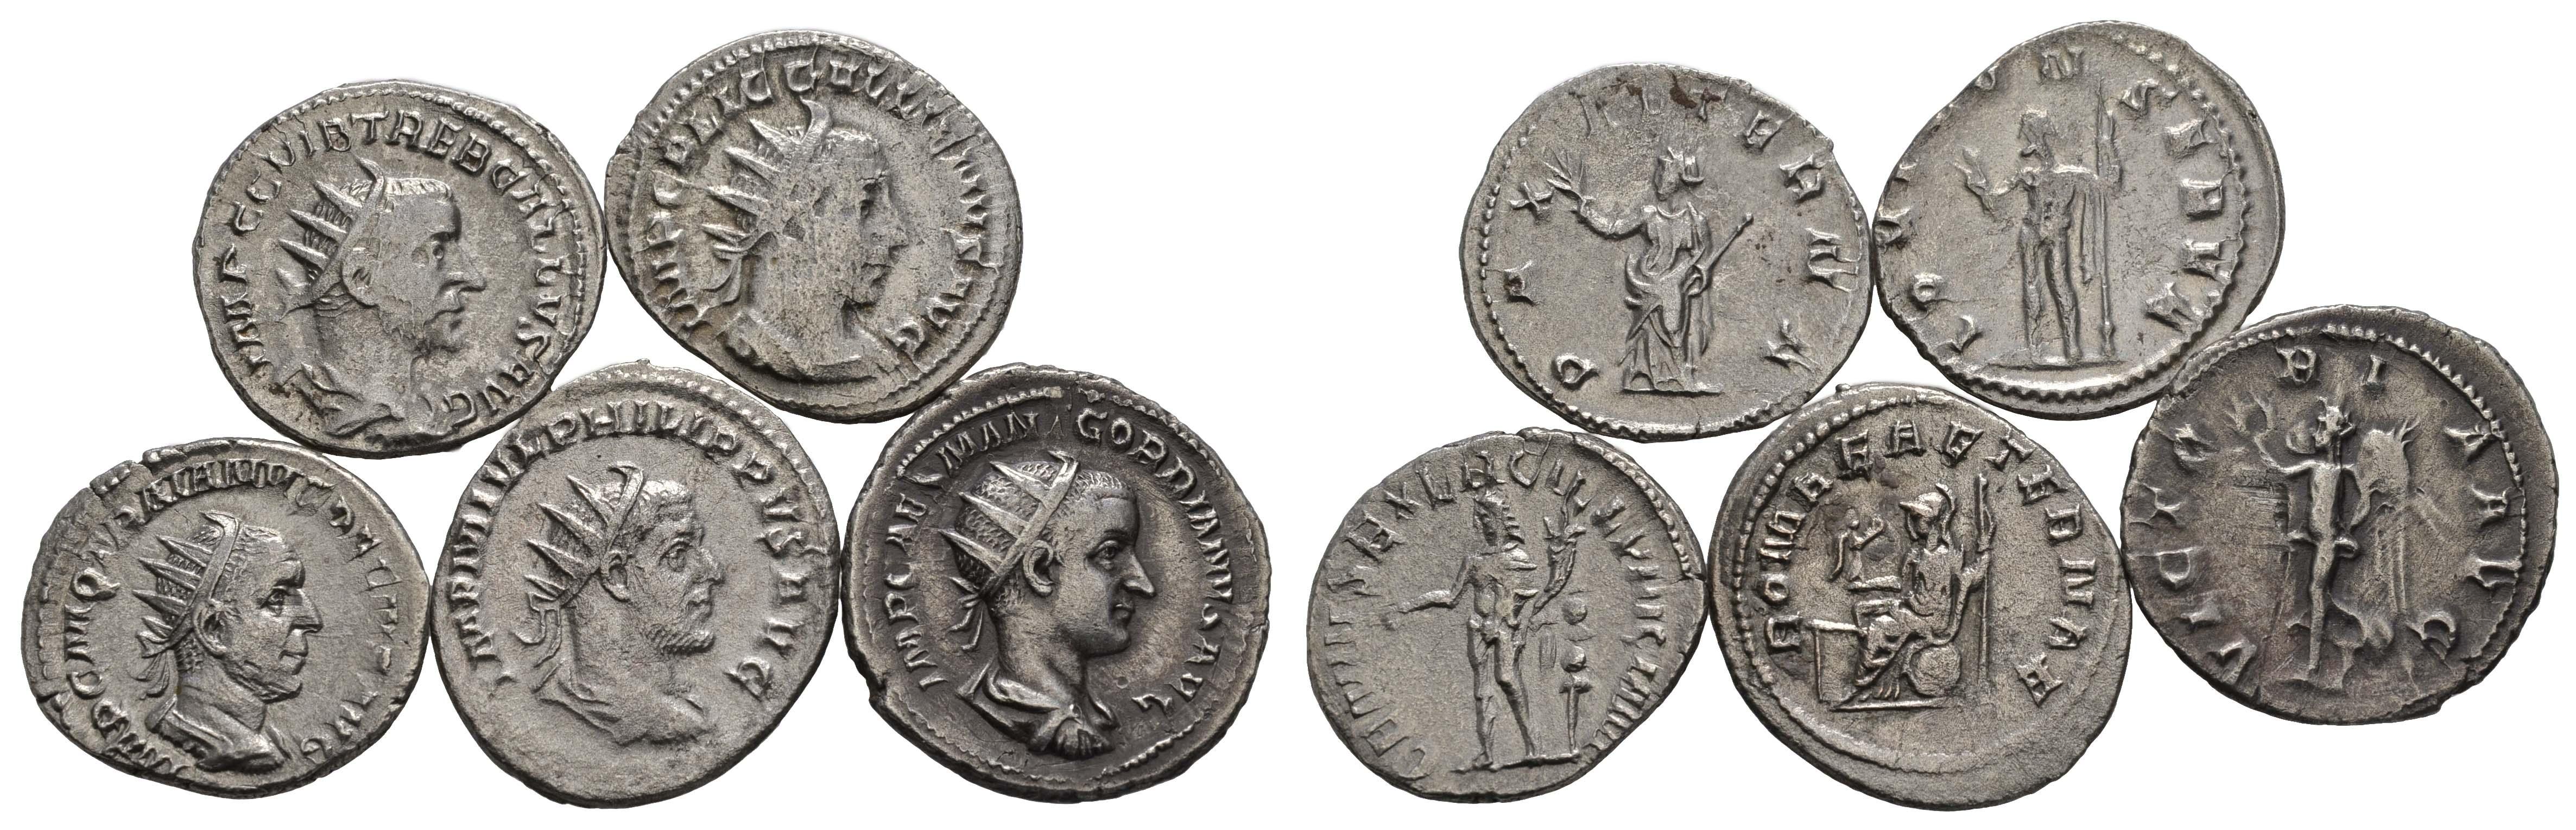 Lot 426 - Antike Lots und Sammlungen -  Auktionshaus Ulrich Felzmann GmbH & Co. KG Coins single lots